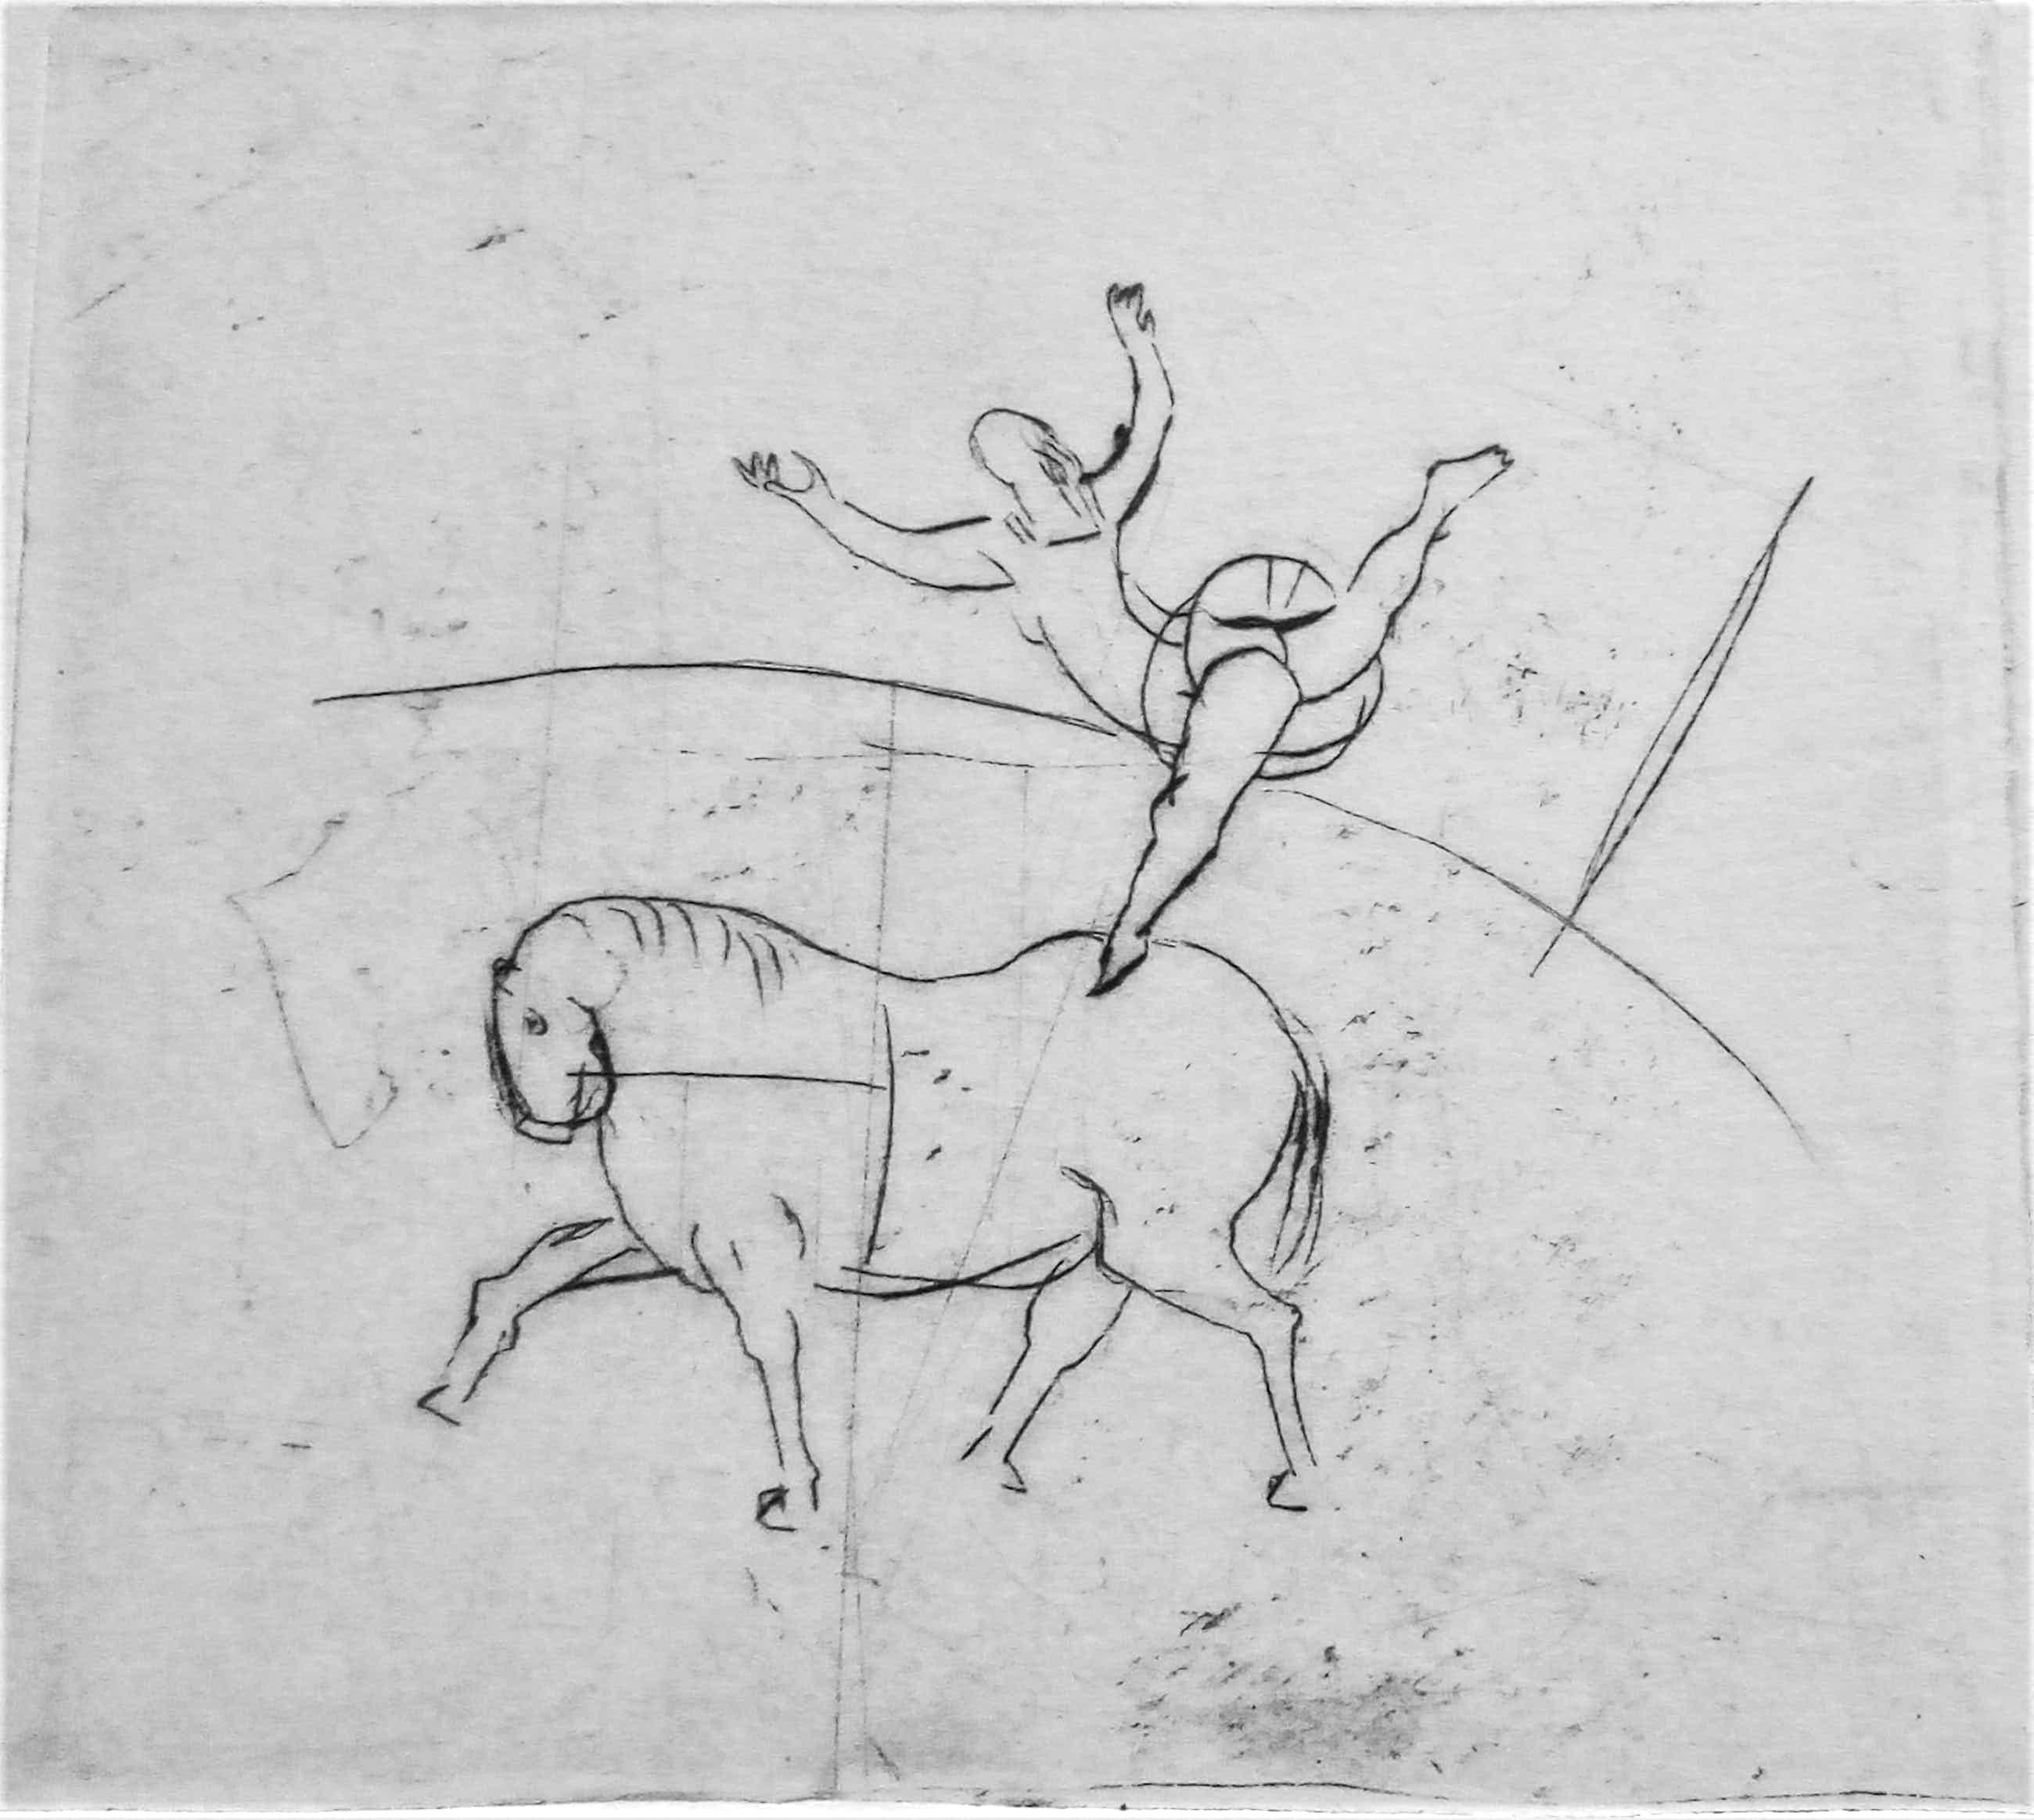 Friso ten Holt - Ets - Circus Acrobaat op Paard - Gesigneerd en Genummerd - 1954 kopen? Bied vanaf 35!